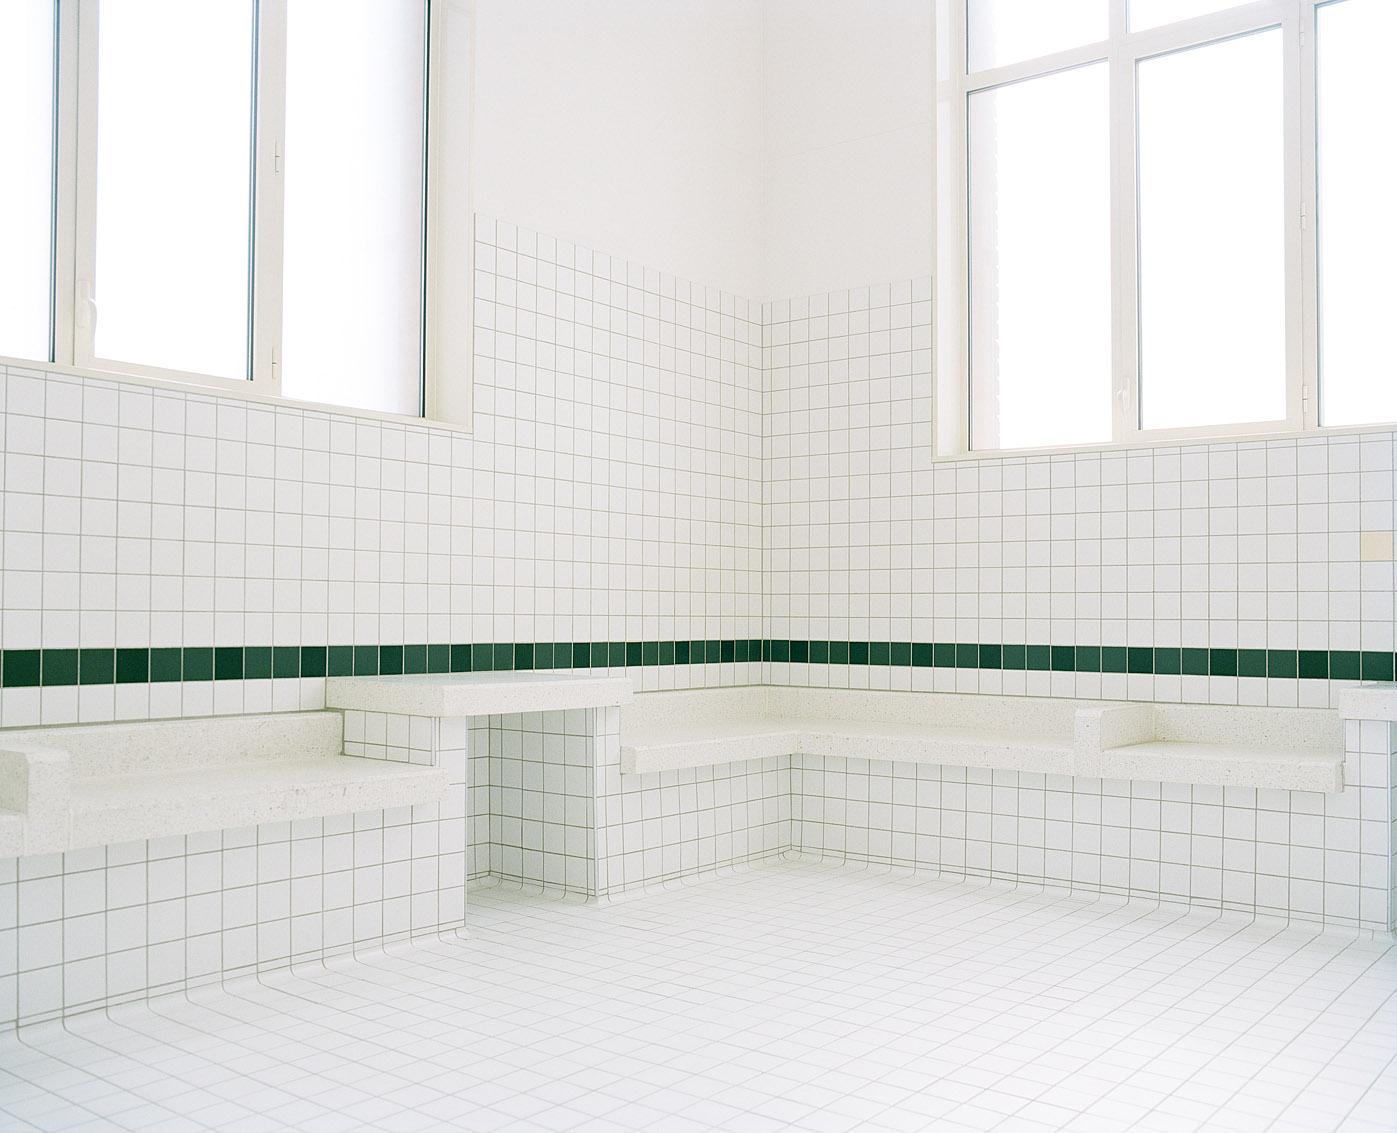 Salle d'attente des bains municipaux des Haies de la ville de Paris.